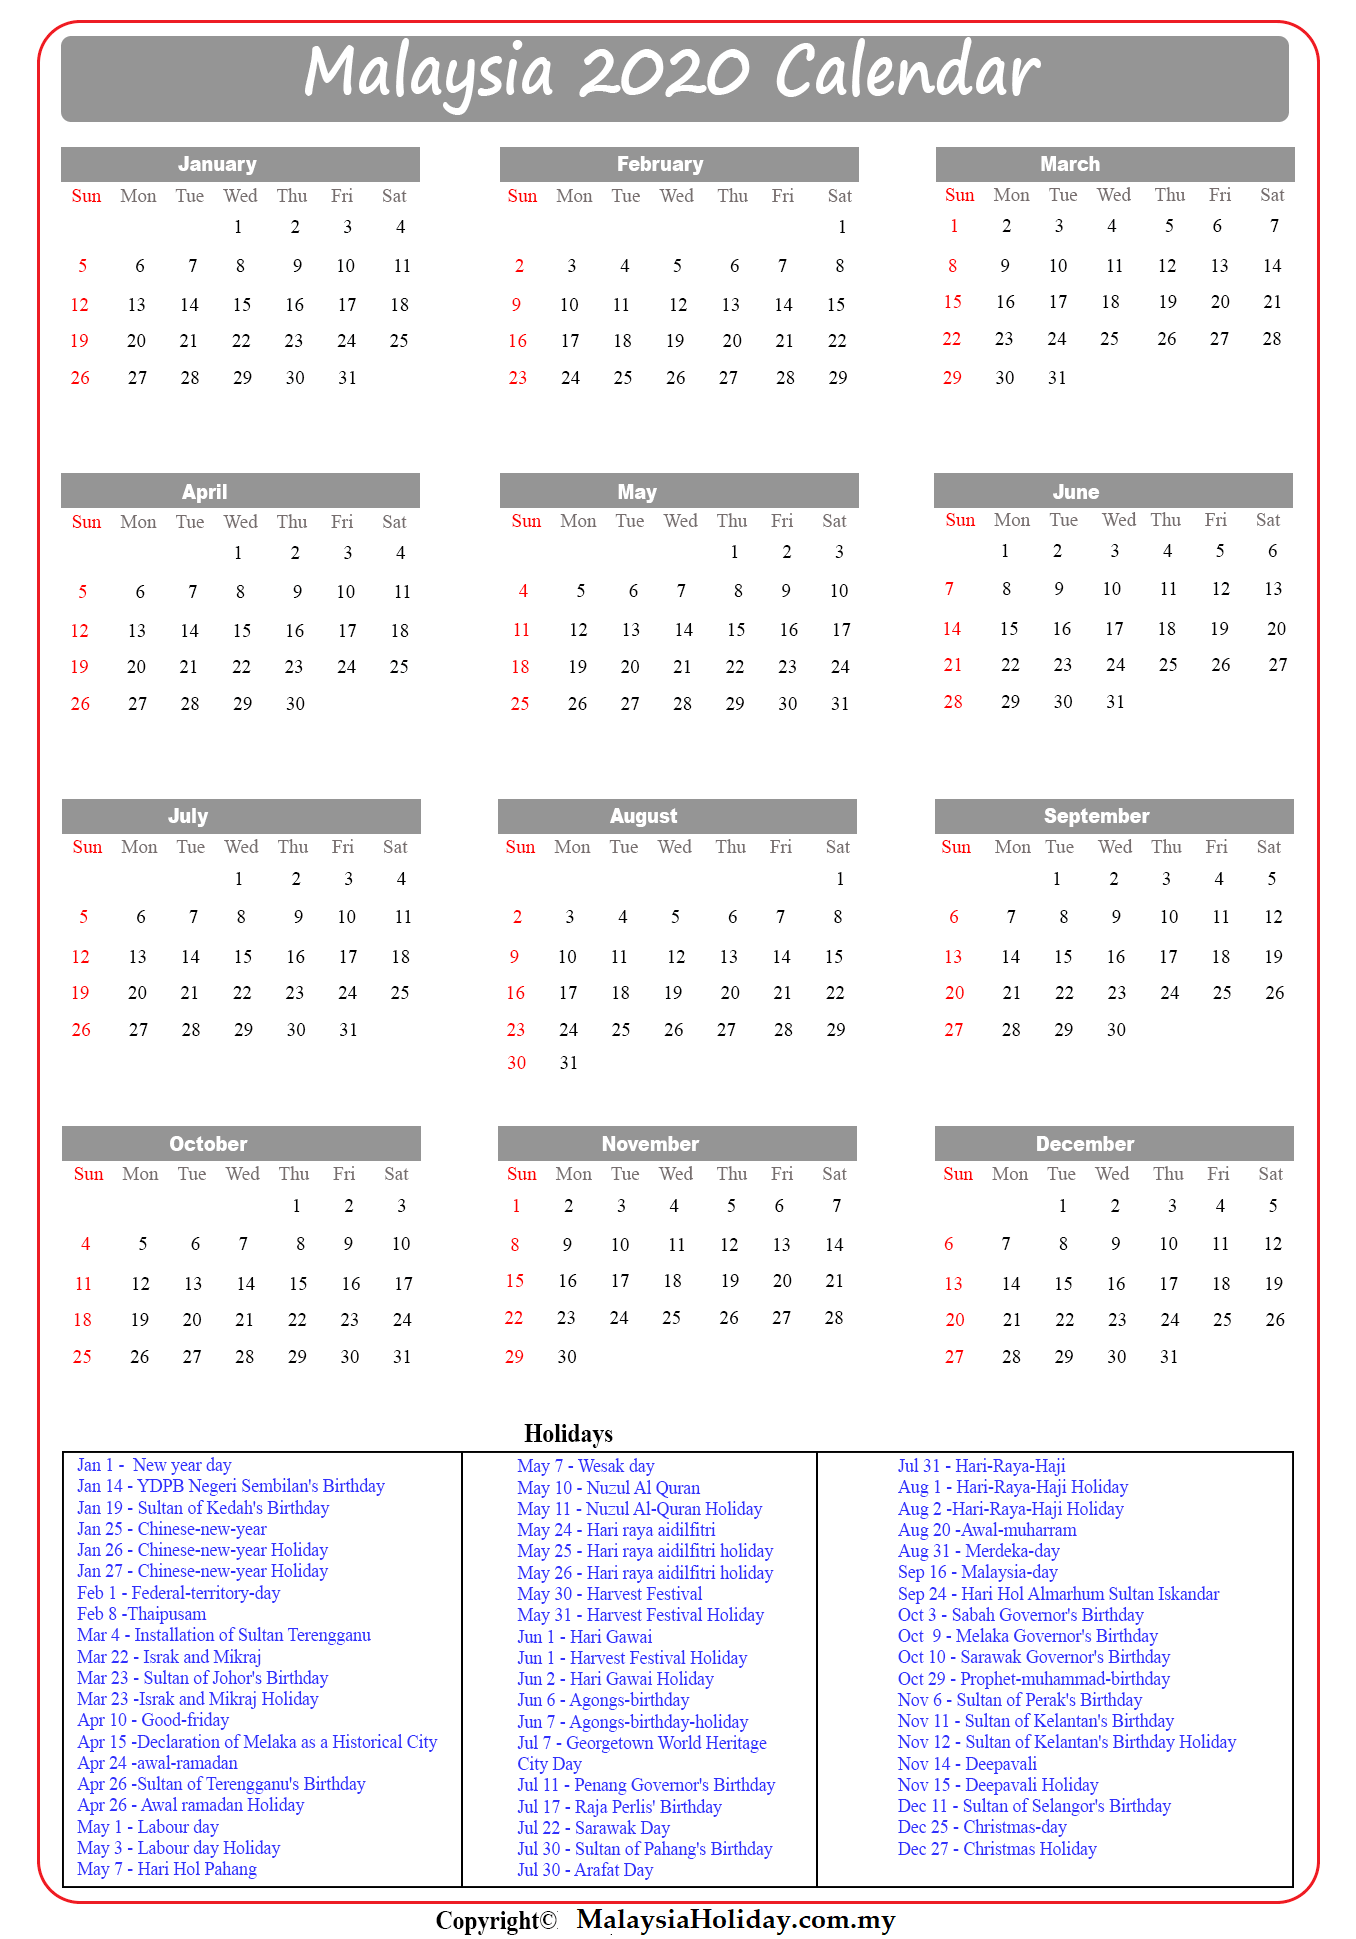 Public Holiday 2020 Malaysia